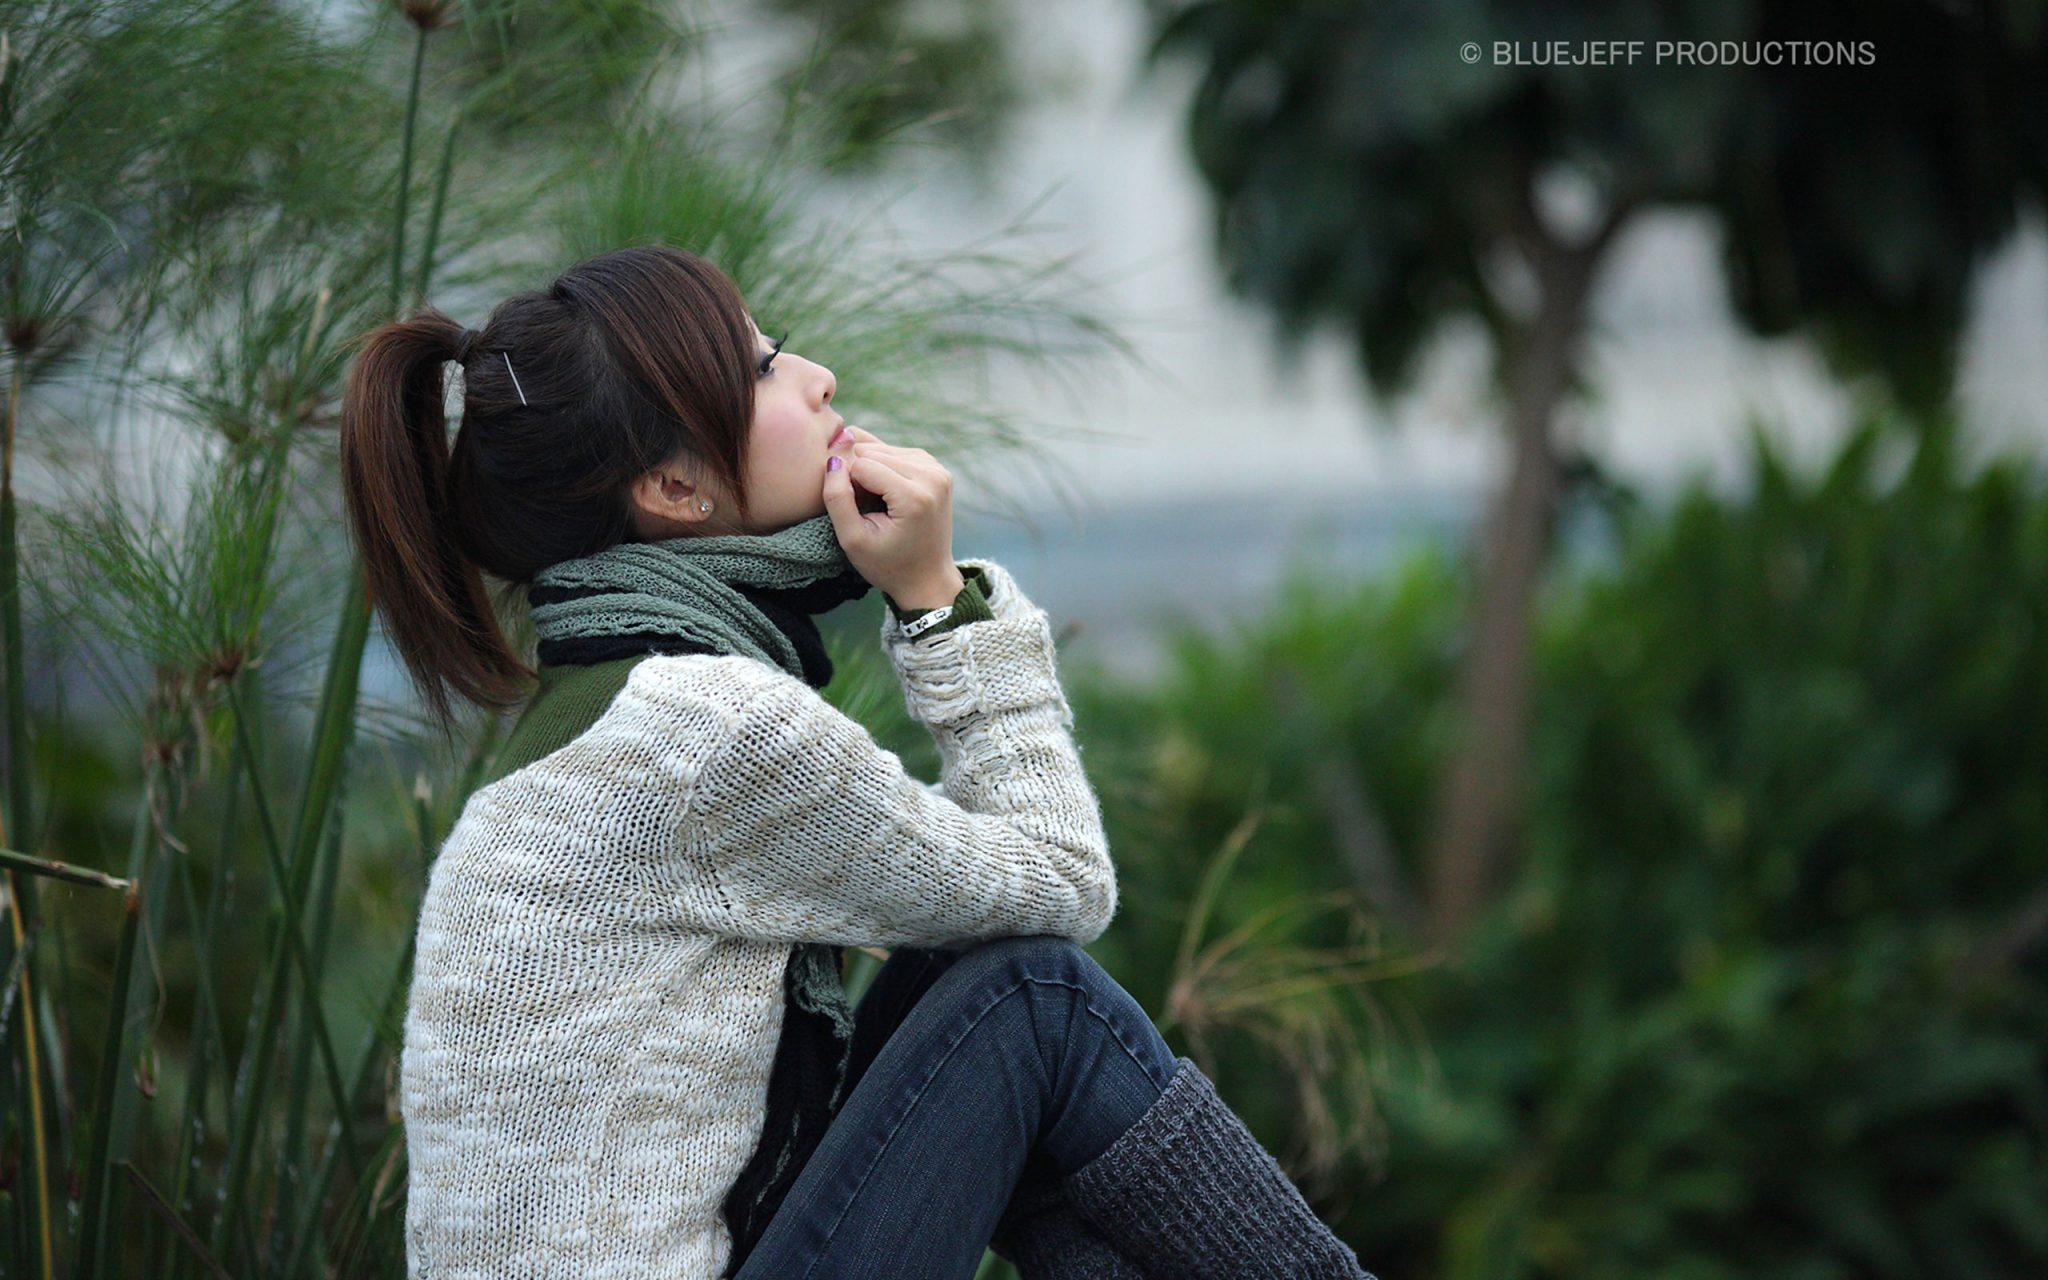 anh-girl-xinh-cuc-de-thuong-lam-hinh-nen-6